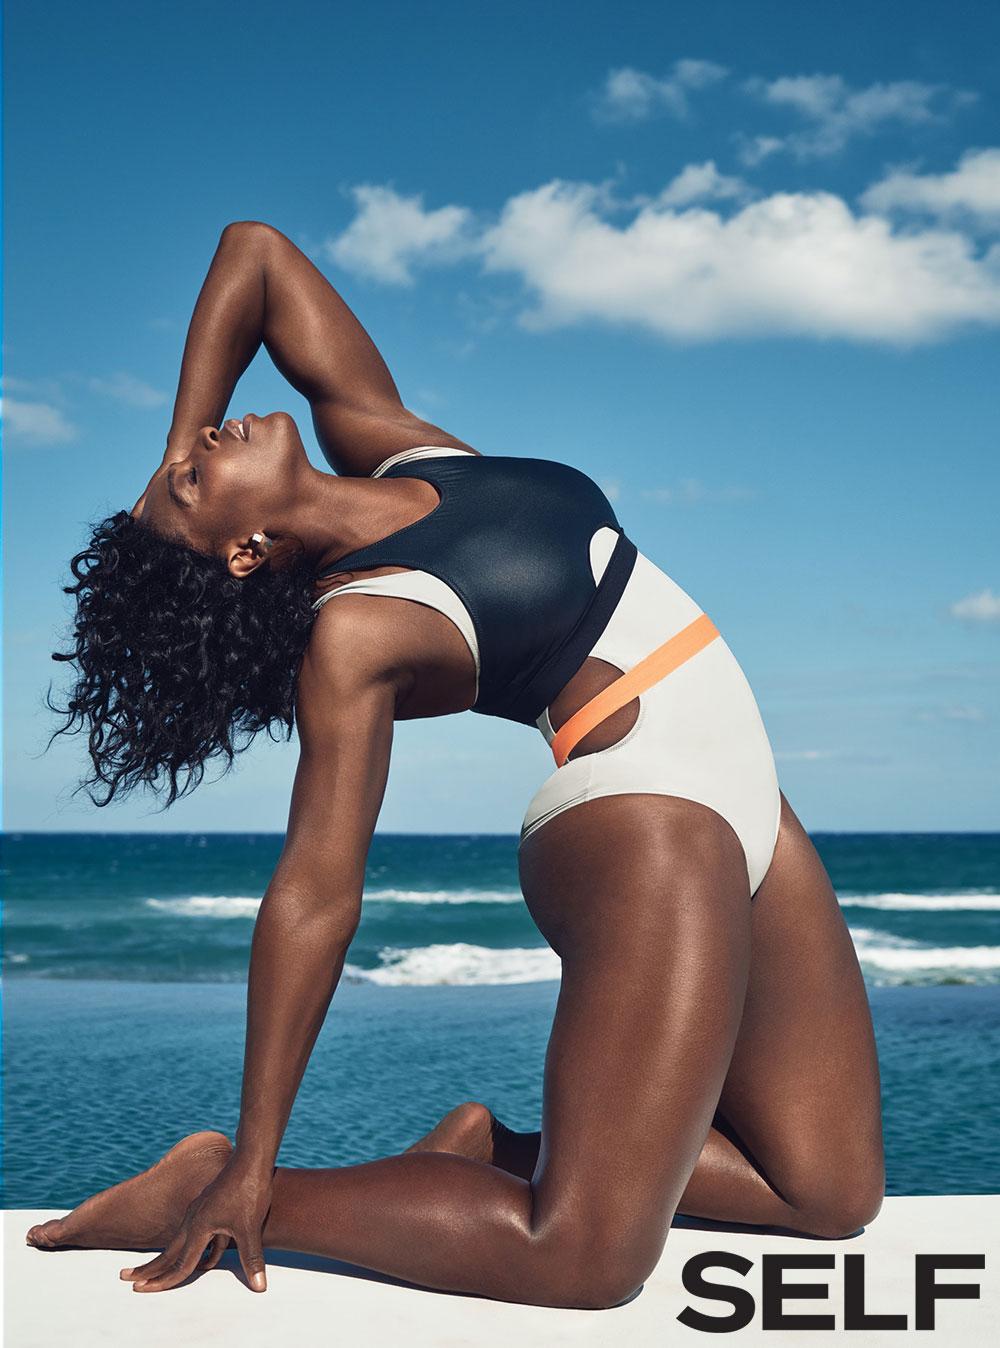 Serena Williams for Self